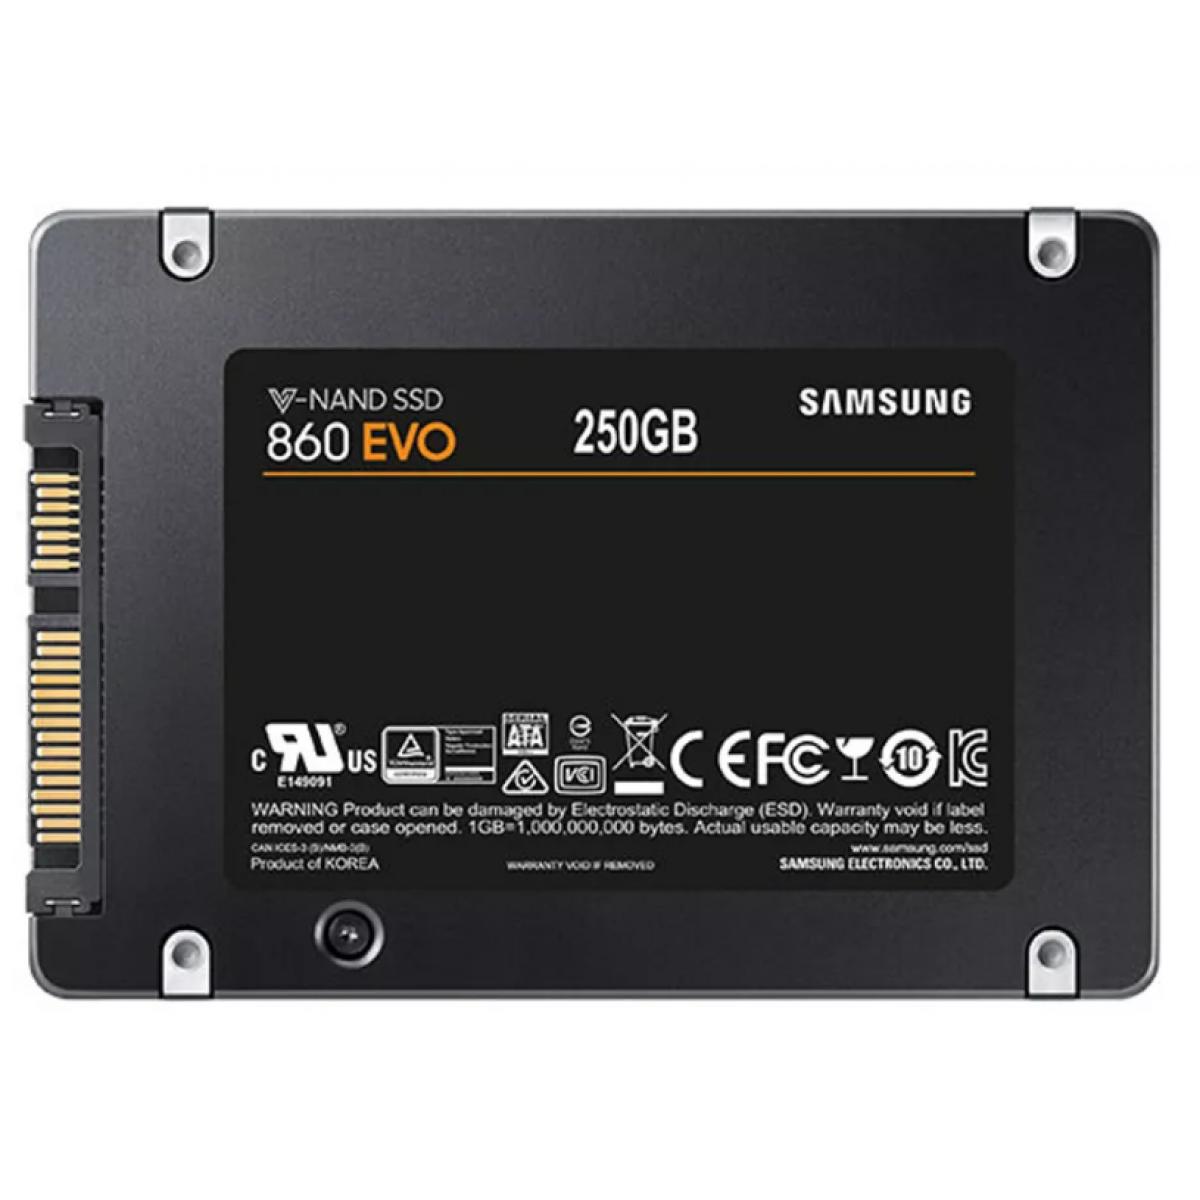 SSD Samsung EVO 860, 250GB, Sata III, Leitura 550MBs Gravação 520MBs, MZ-76E250E